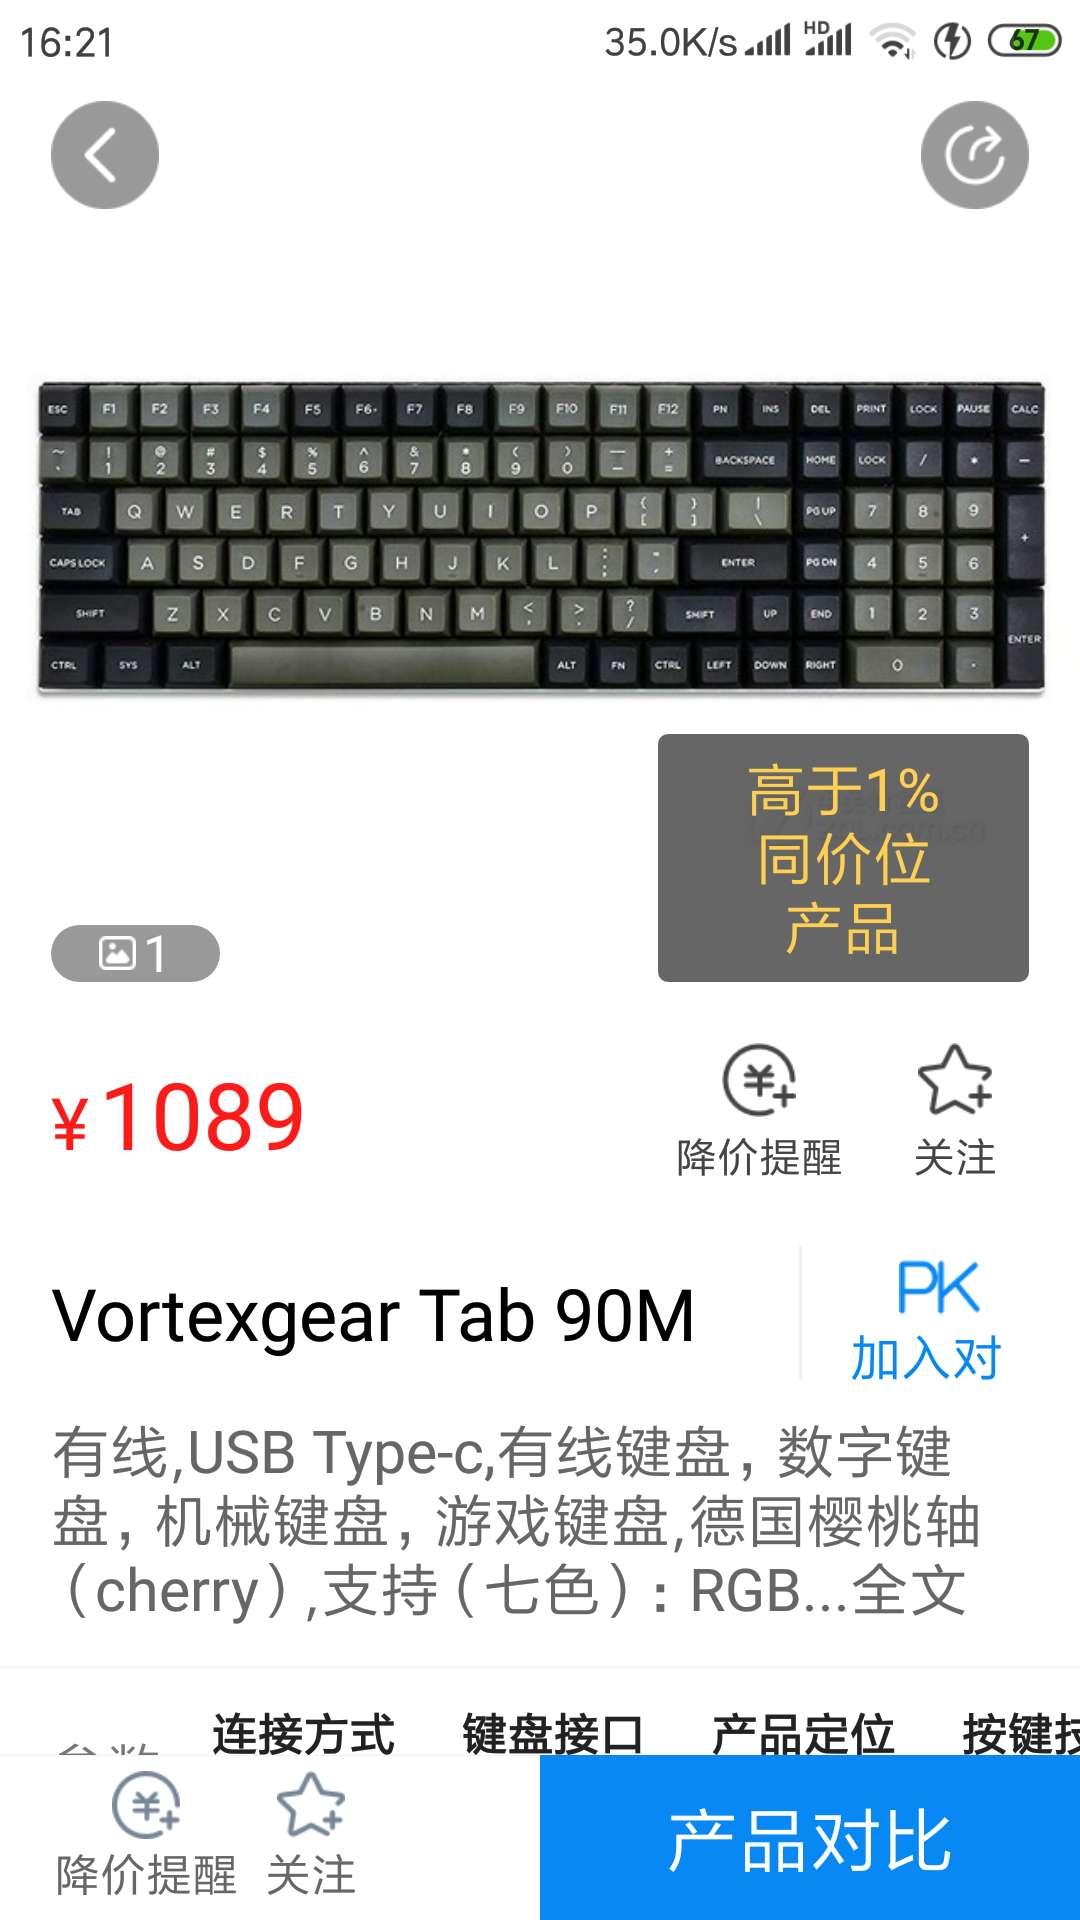 Vortexgear Tab 90M适合玩游戏么?